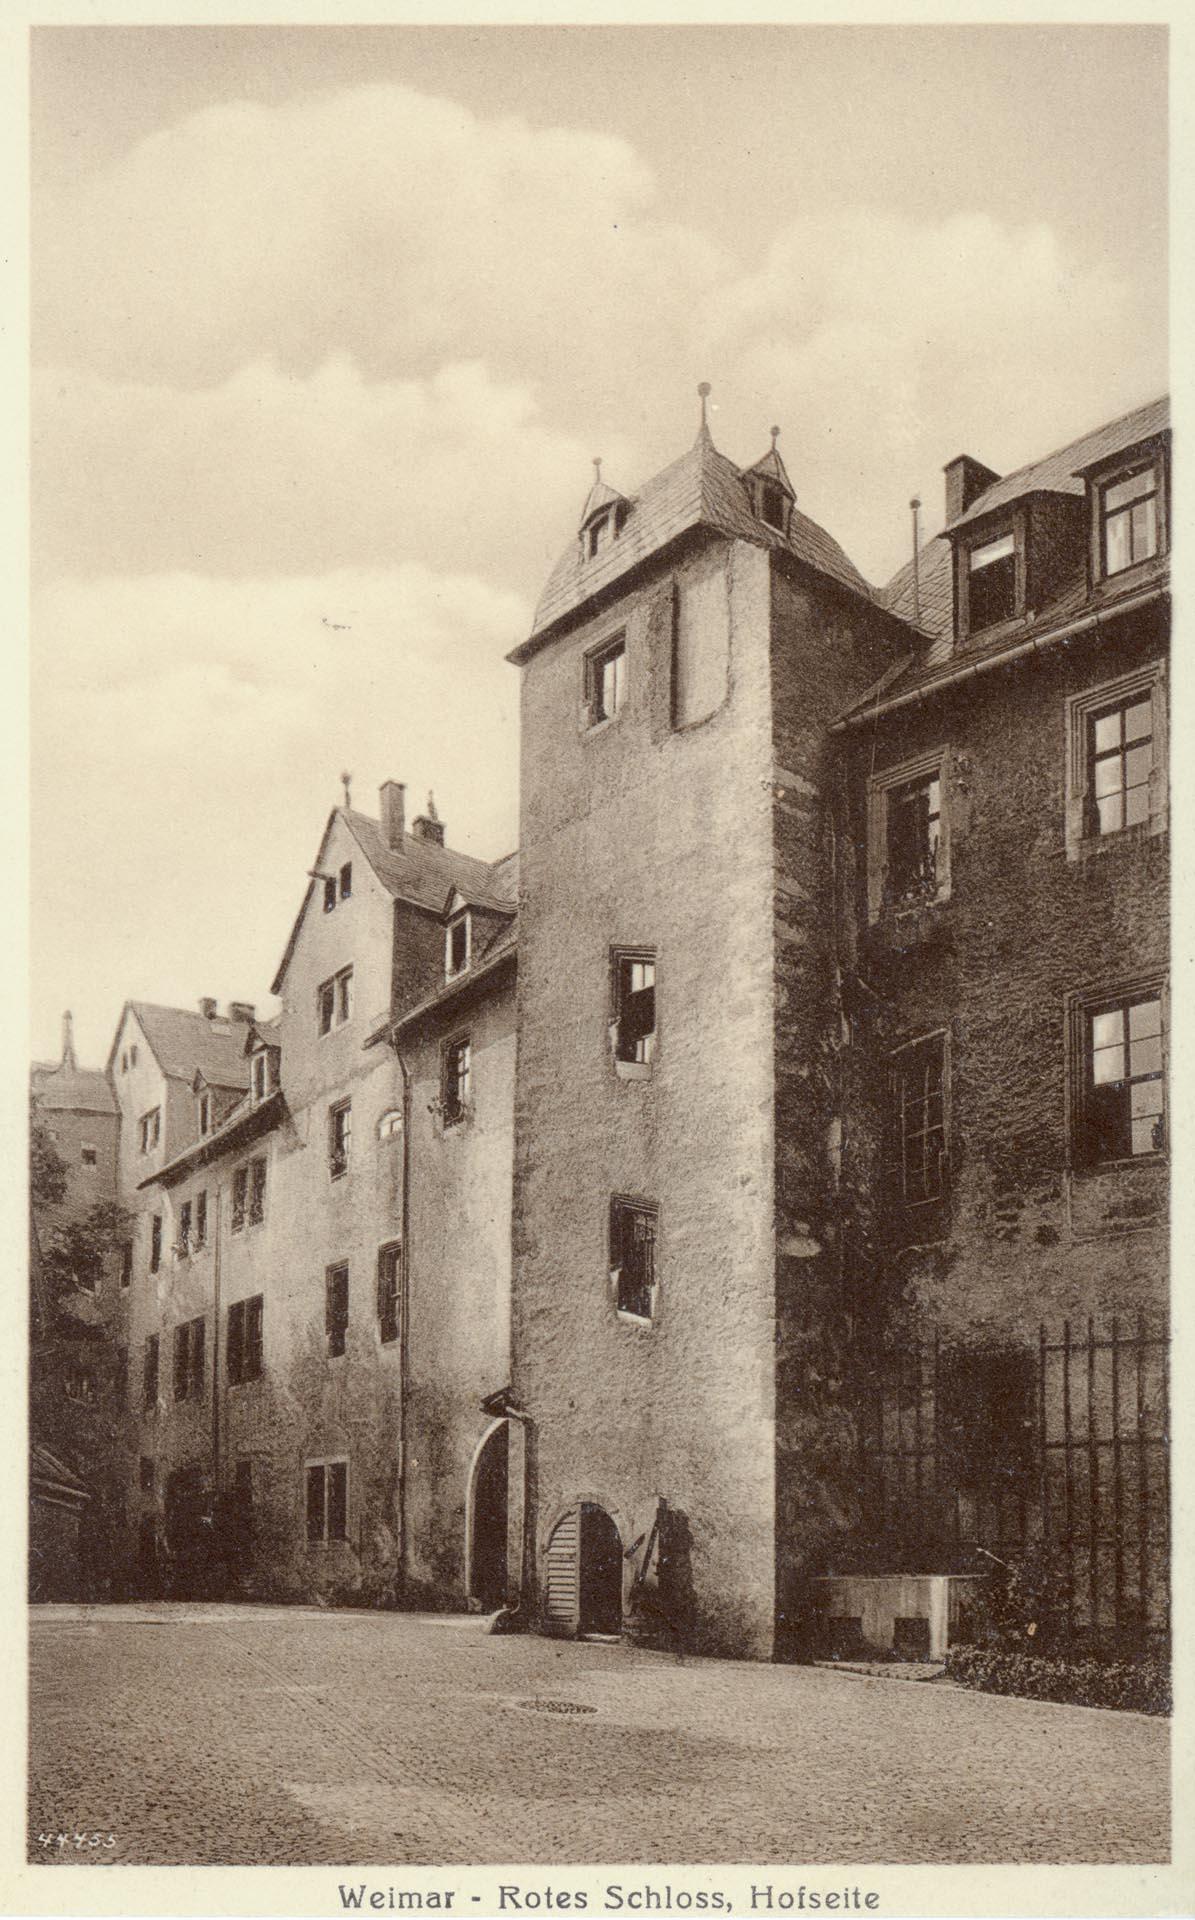 Rotes Schloss, Hofseite